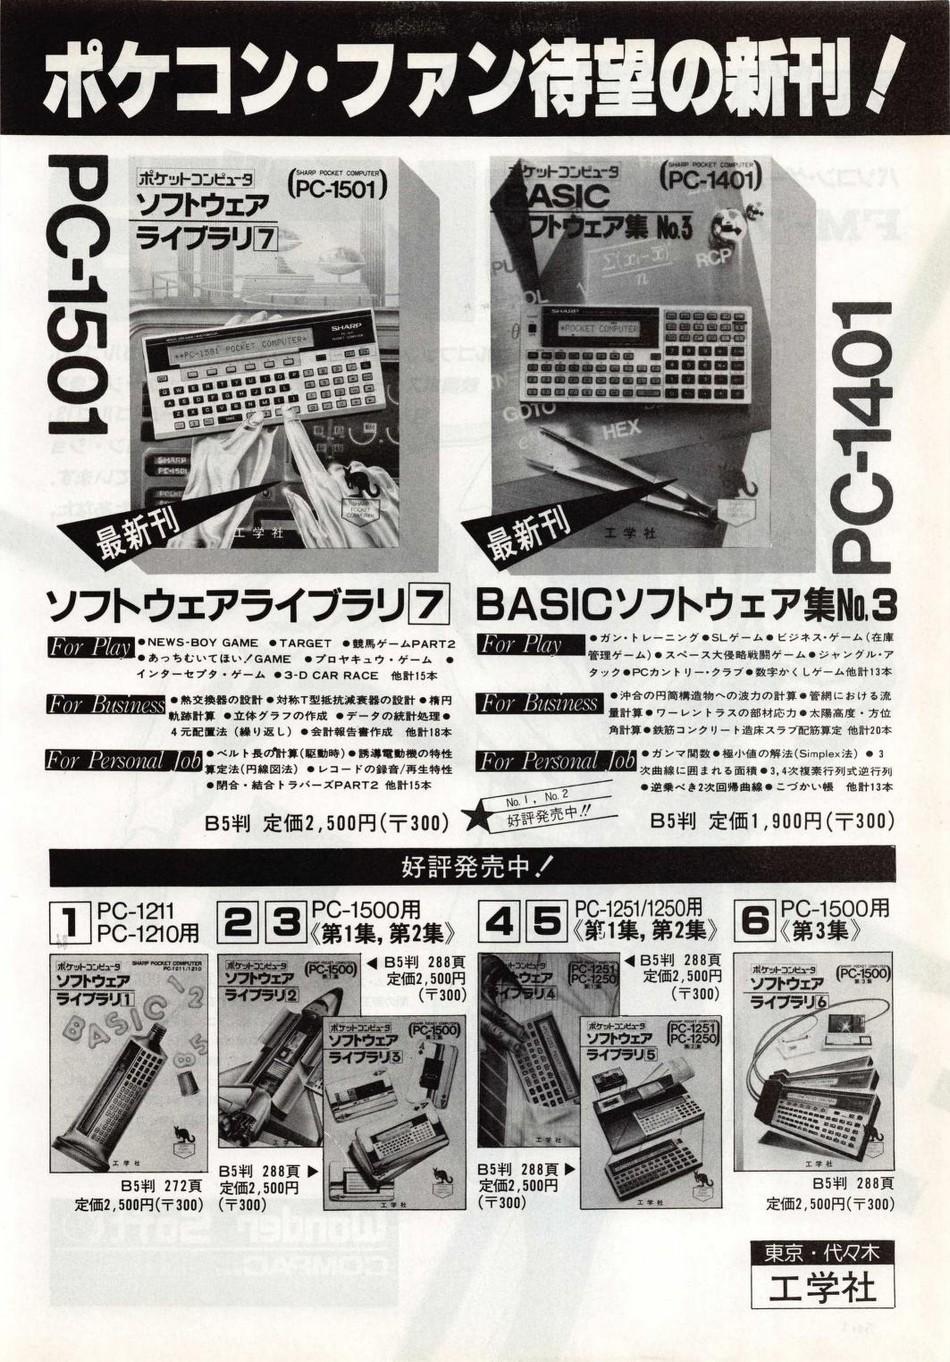 Sharp PC-1401 PC-1501